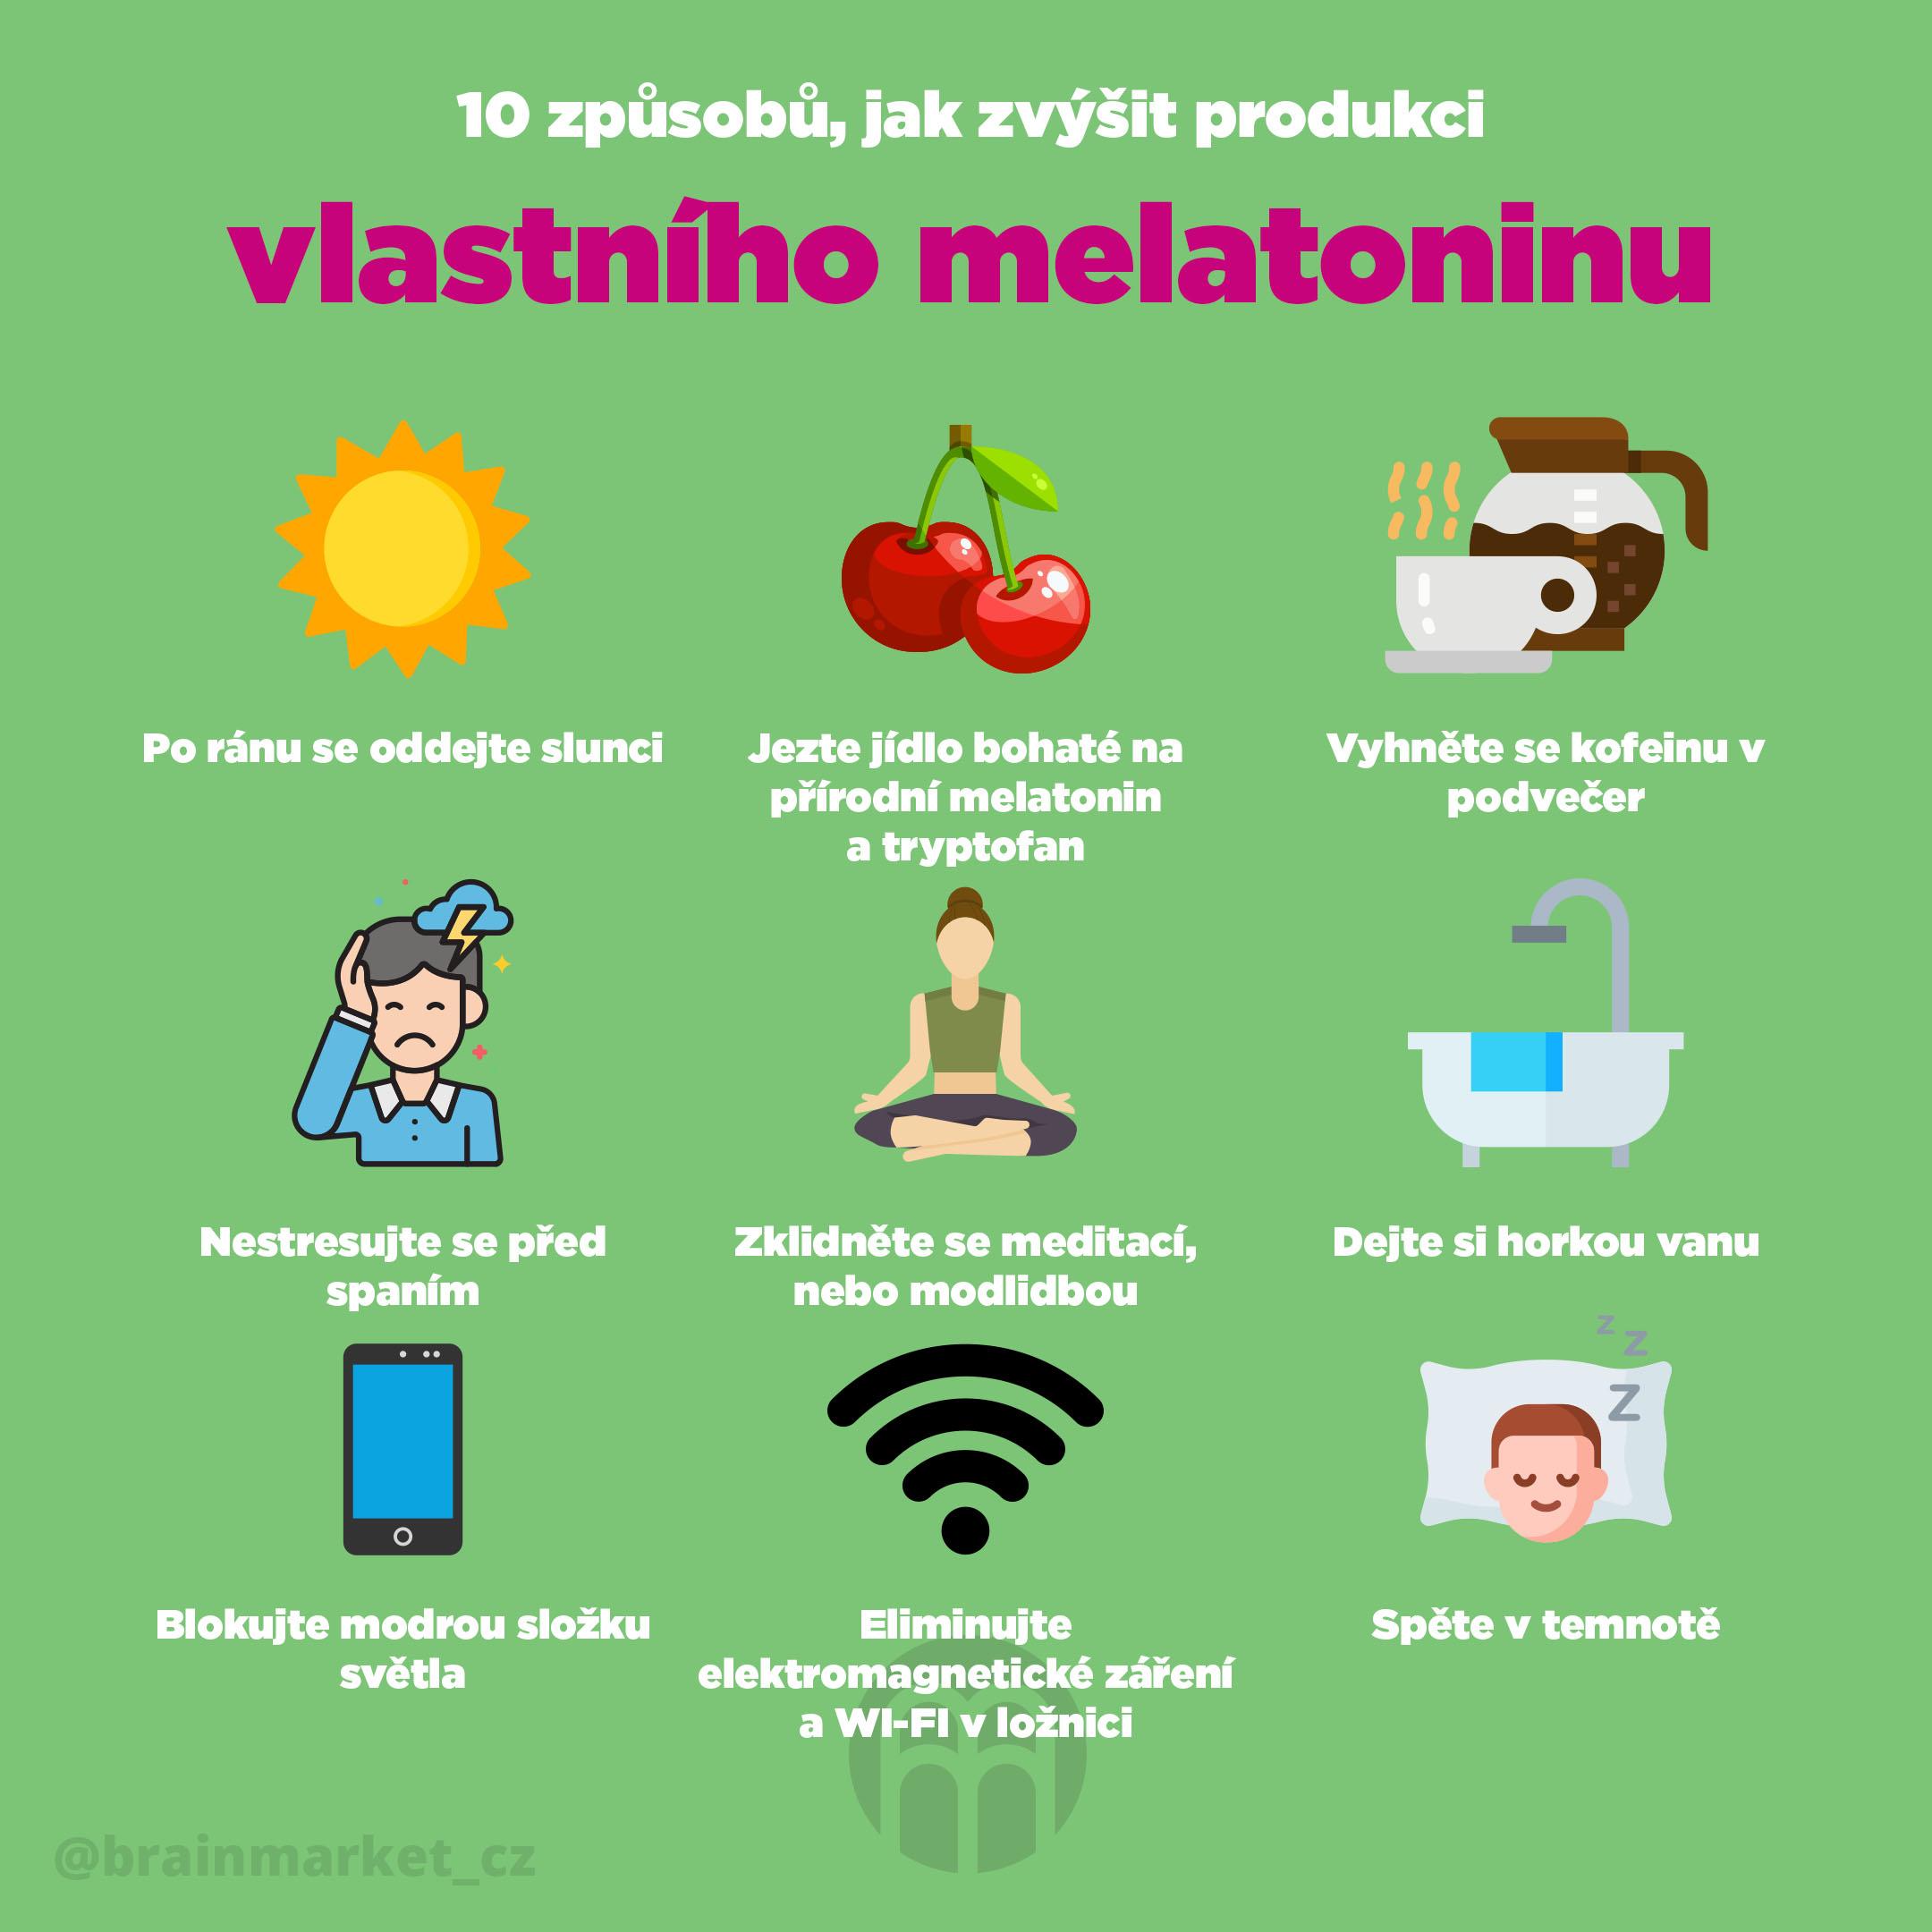 10 způsobů, jak zvýšit produkci vlastního melatoninu